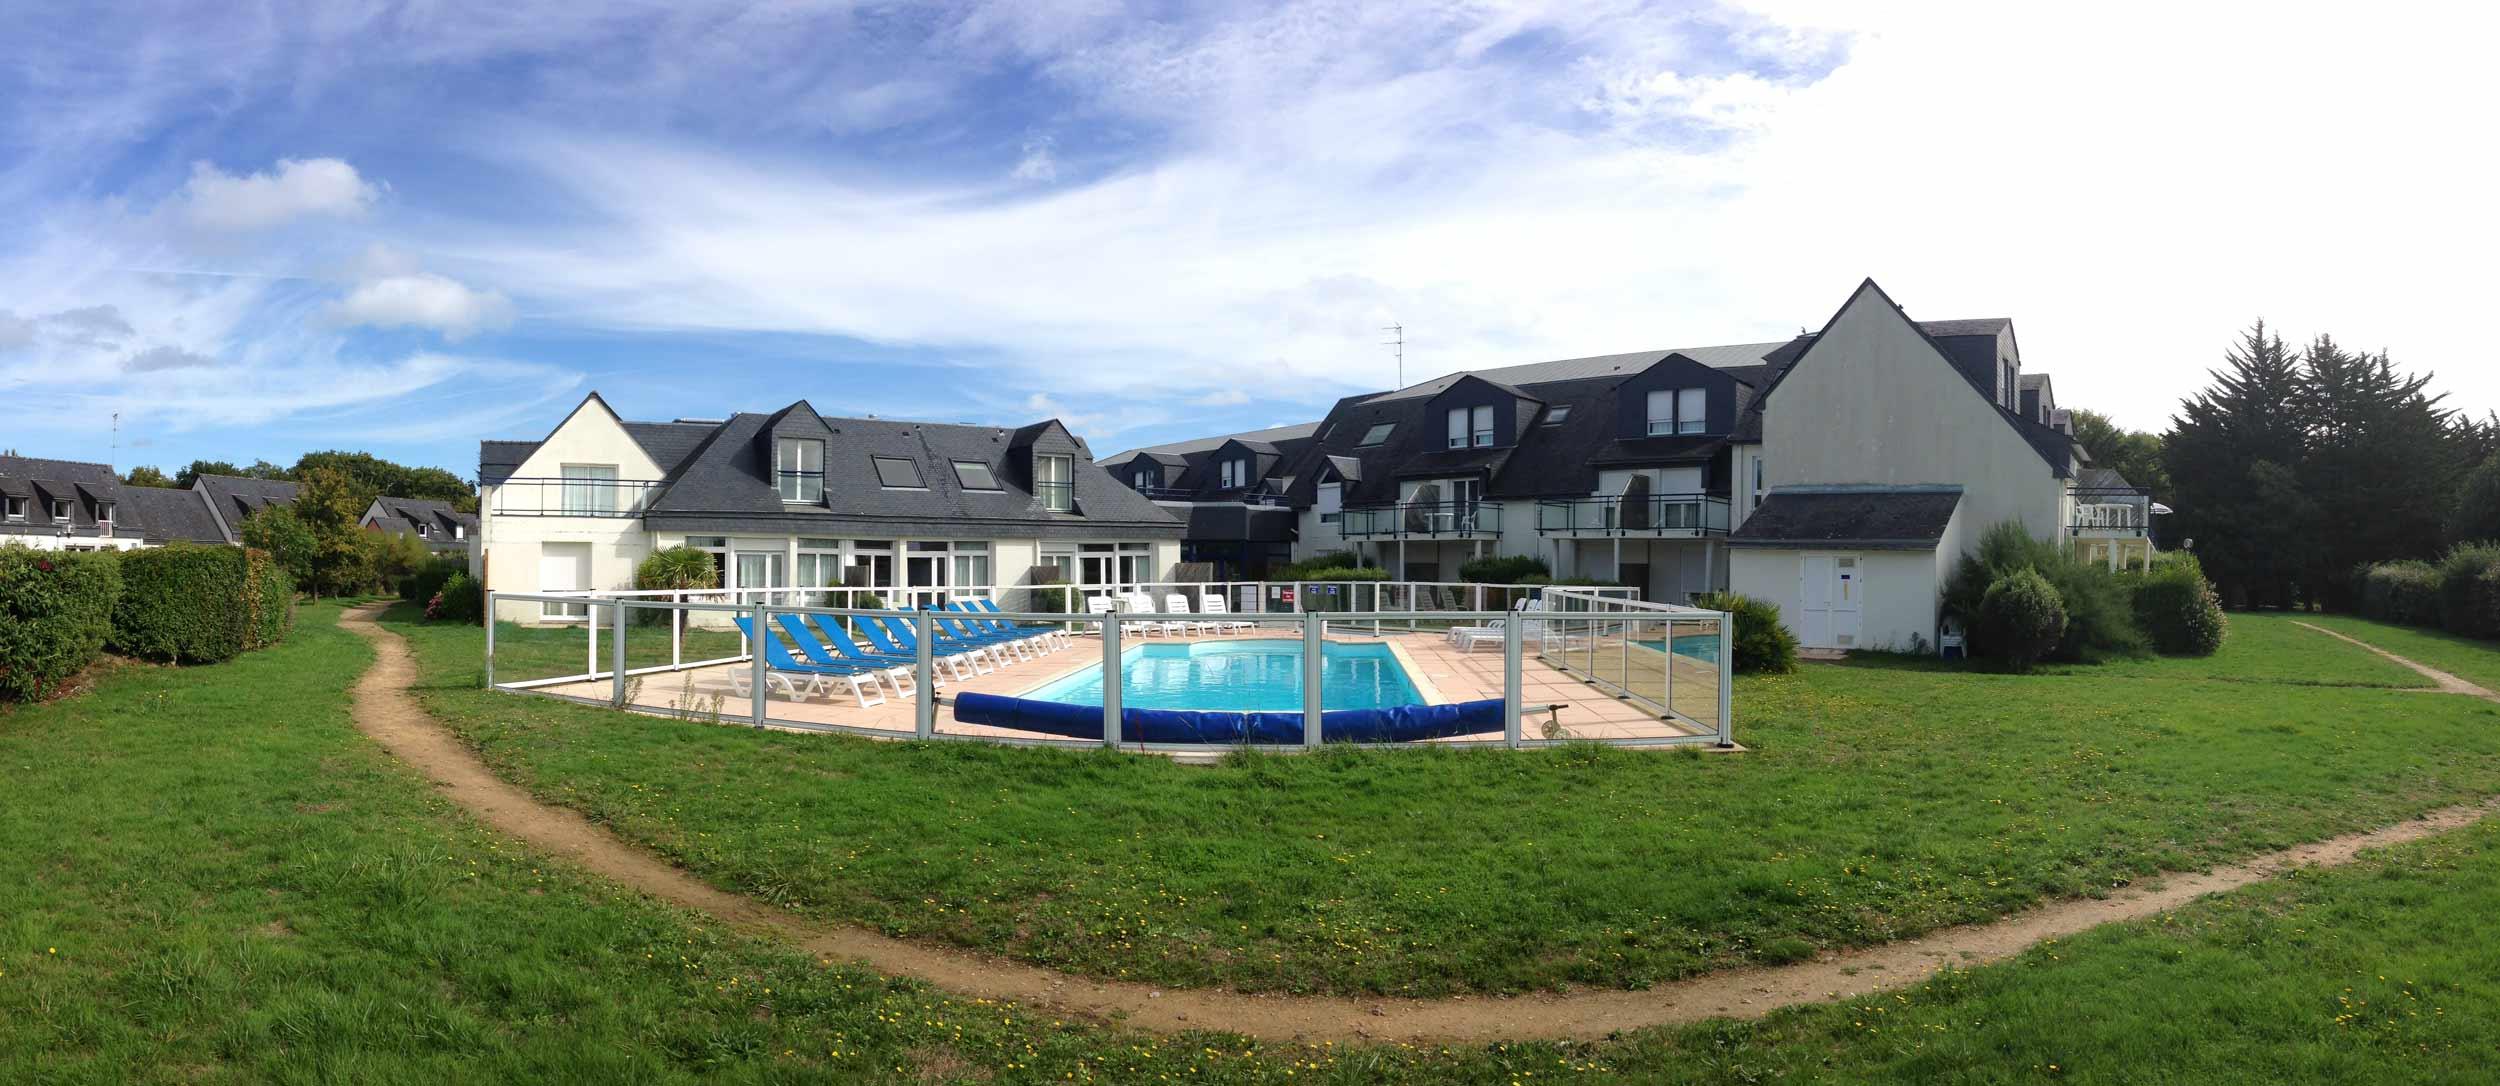 Rénovation-Ile-aux-Moines-Résidence-la-Voile-dOr-G.-LE-PORT-architecte-6